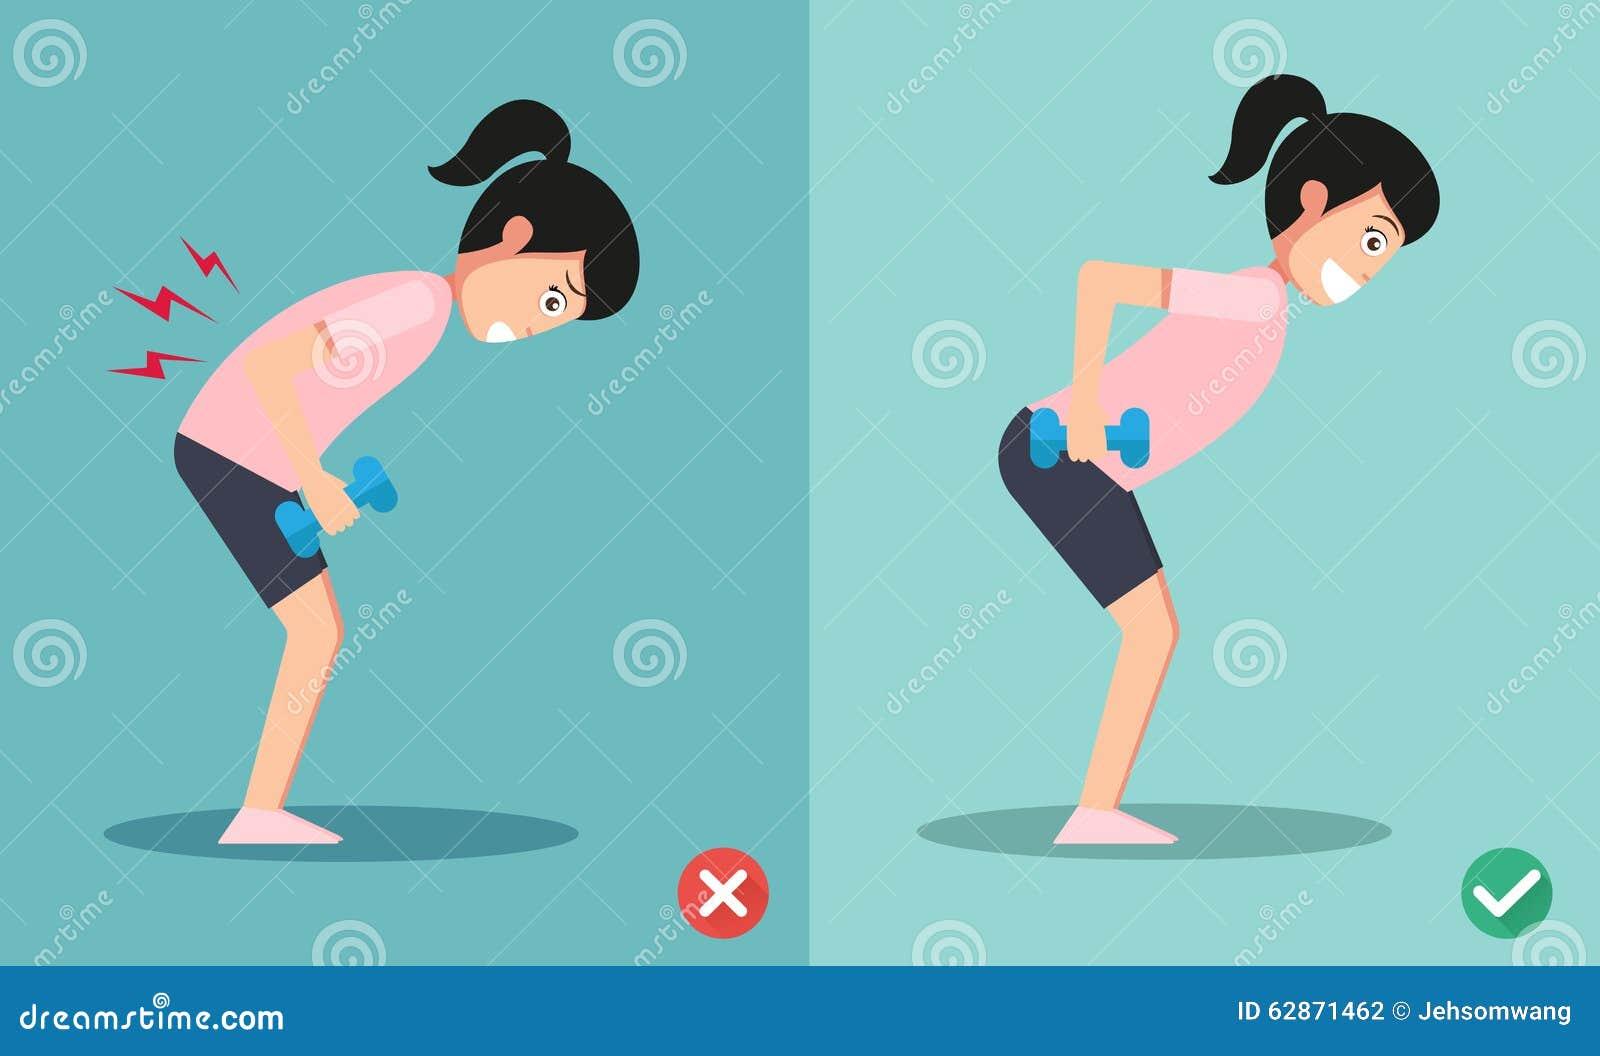 Postura de levantamento errada e direita do peso